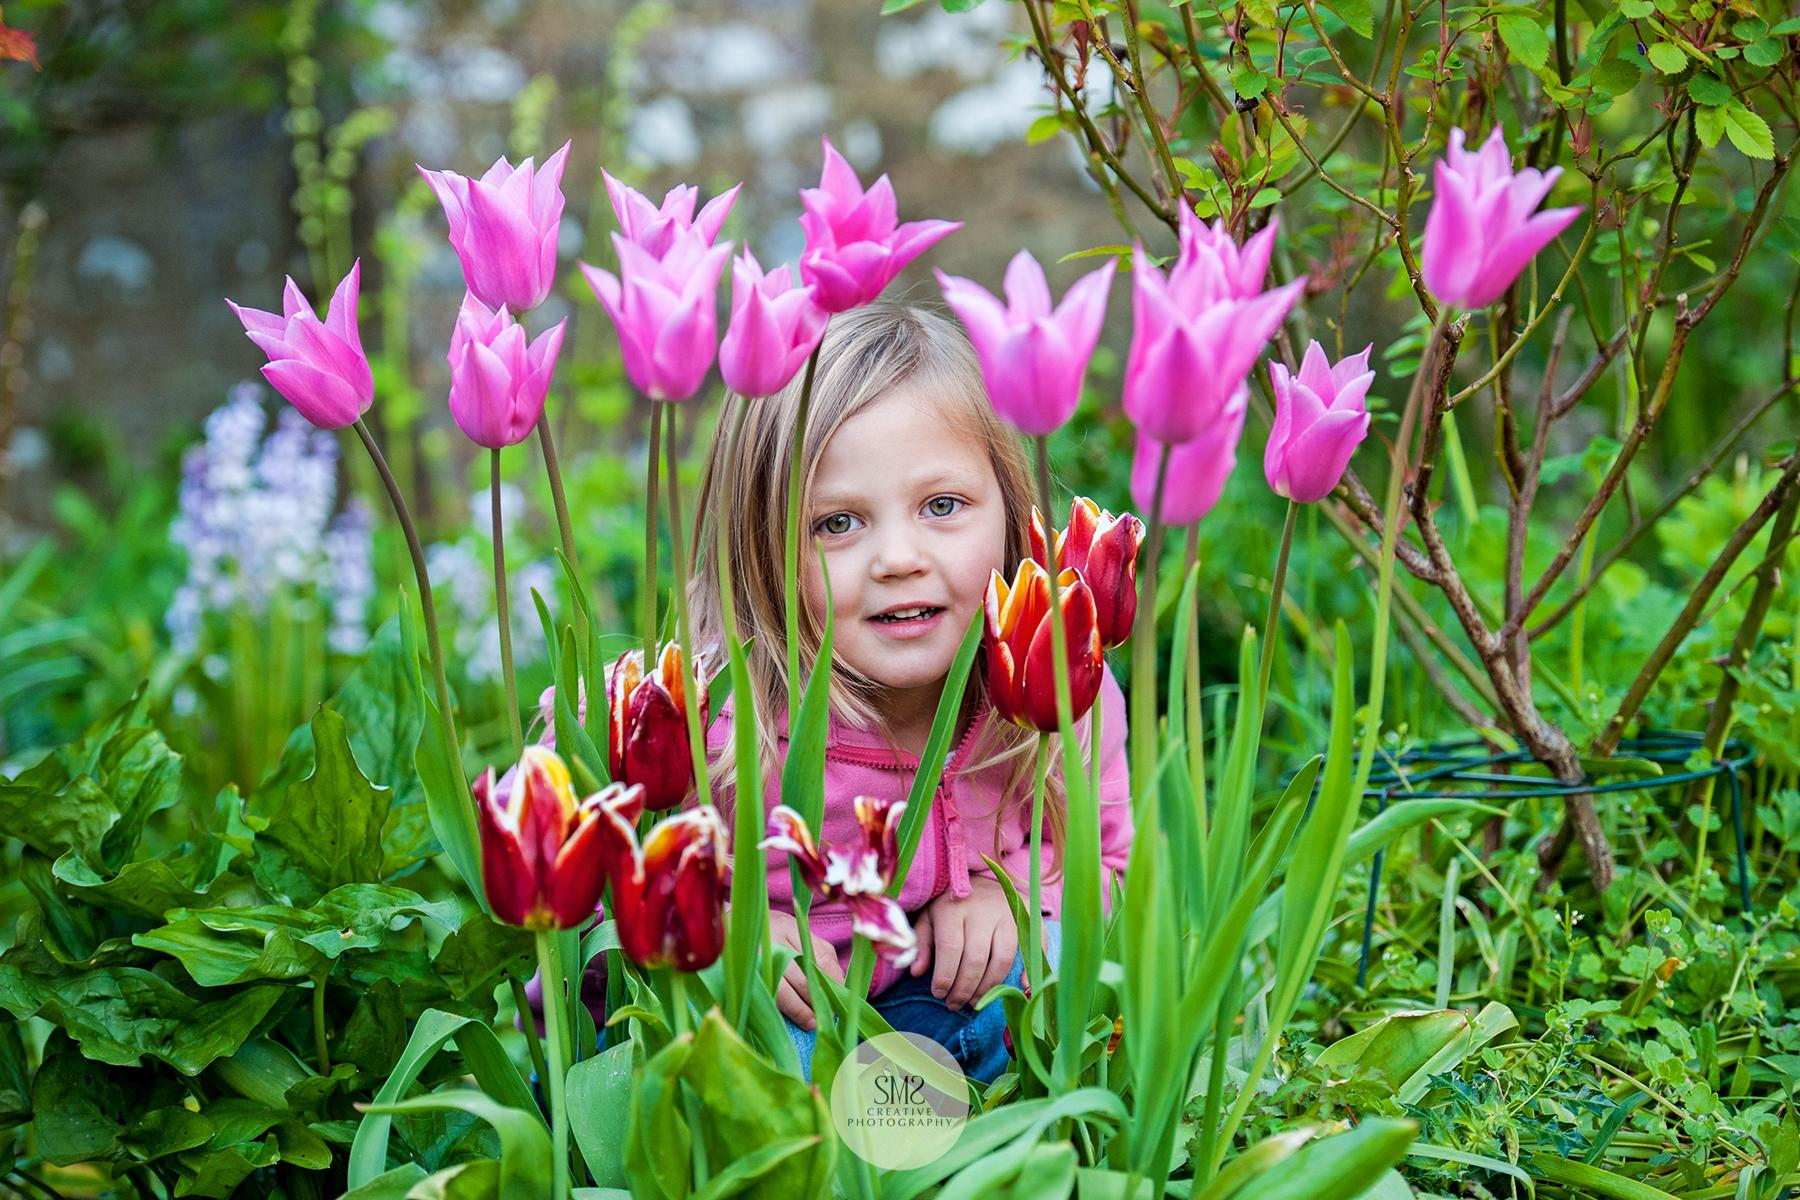 SMS Home & Garden 37 Watermarked.jpg